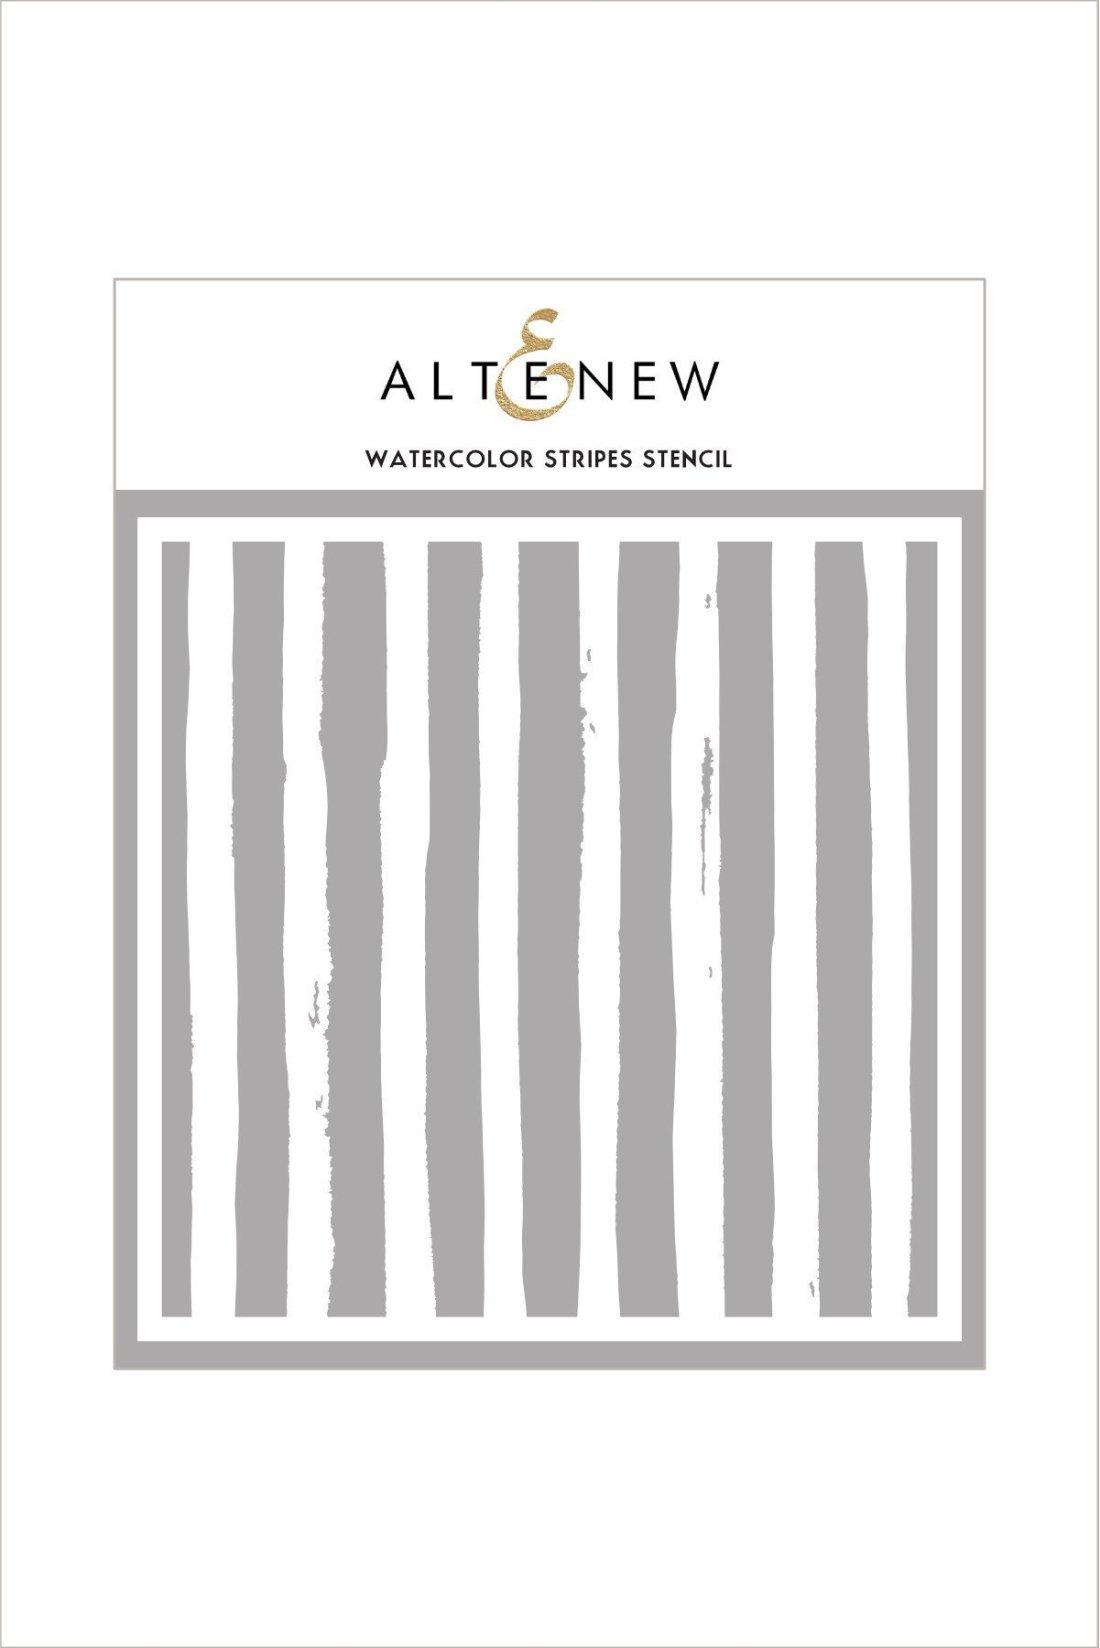 Watercolor Stripes Stencil